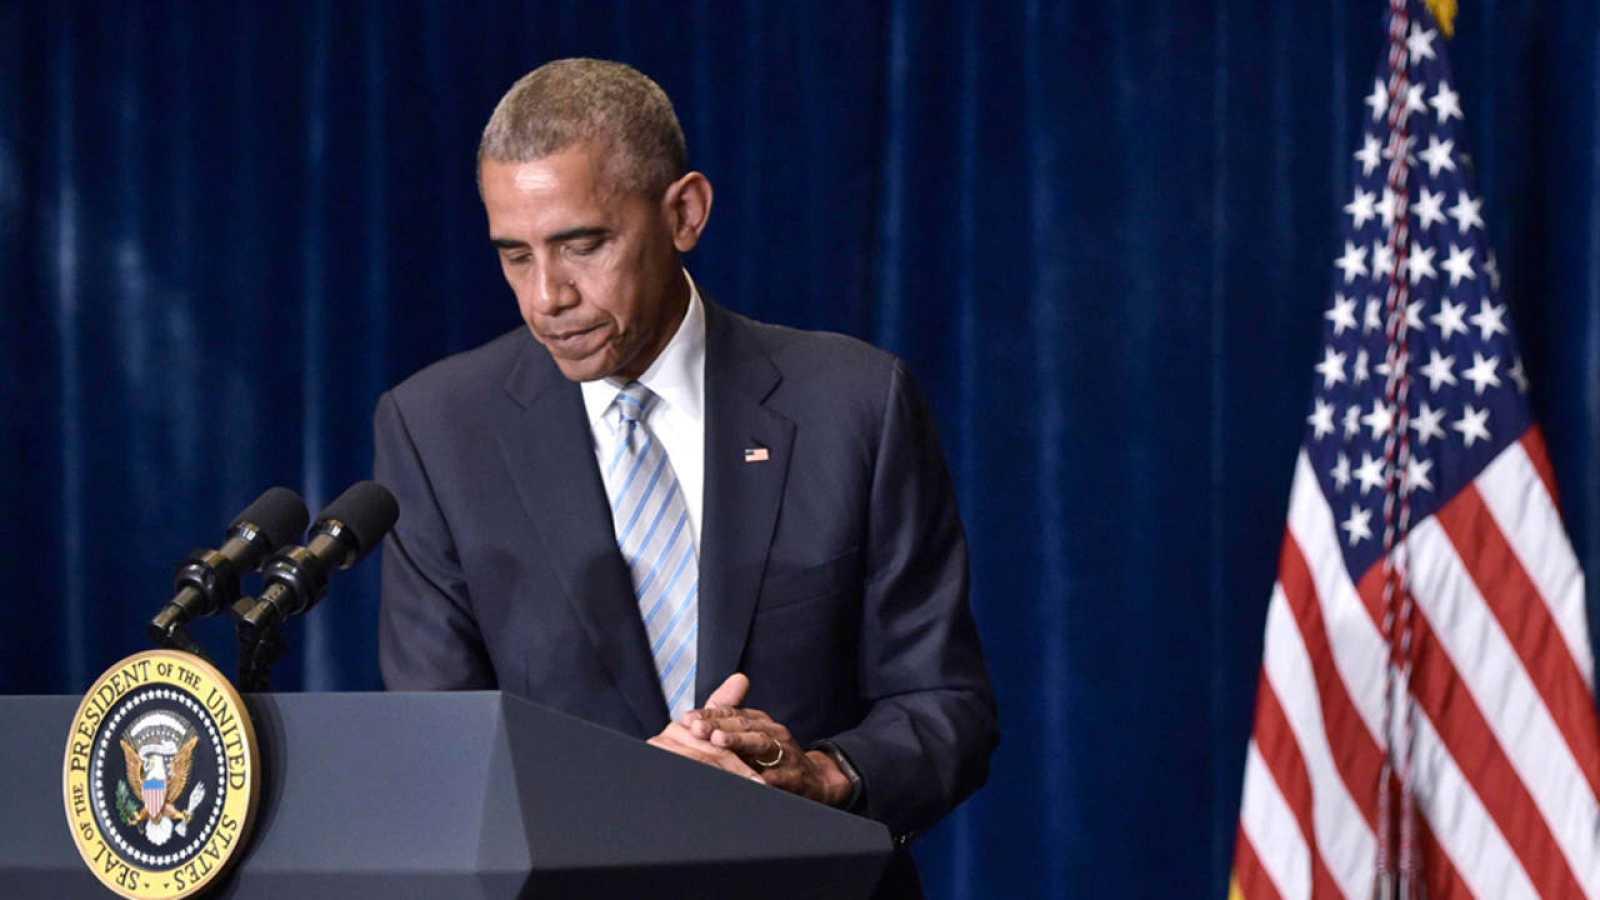 El presidente de Estados Unidos, Barack Obama, durante su rueda de prensa en Varsovia, ciudad en la que se celebra la cumbre de la OTAN.